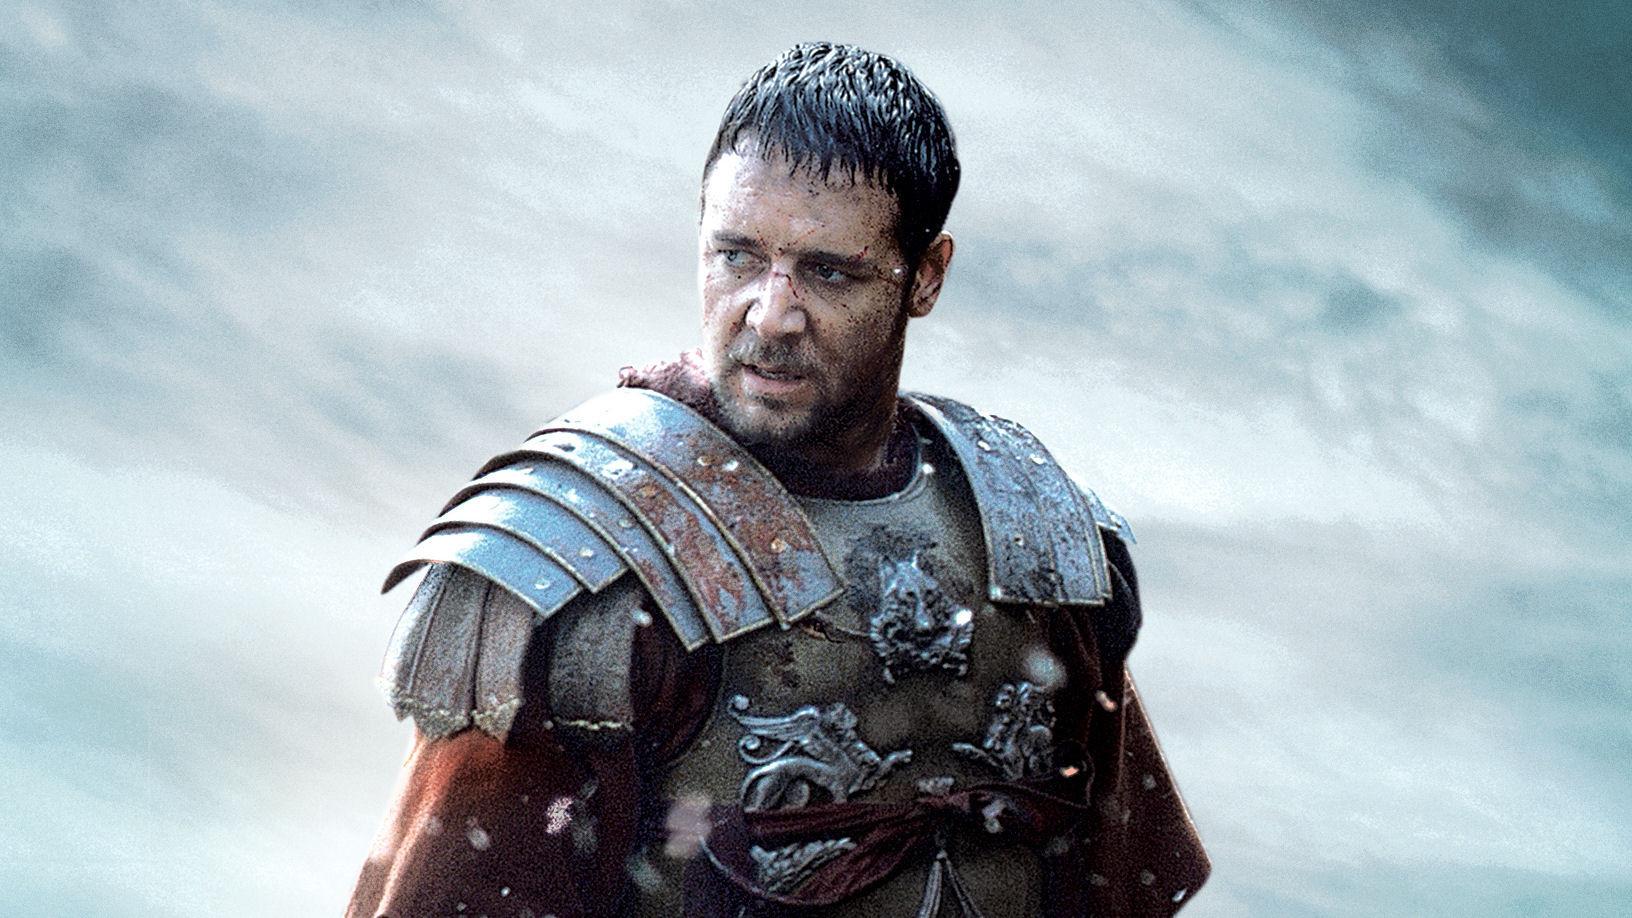 gladiator_145_4da95a905e73d632e900092a_1303089142.jpg